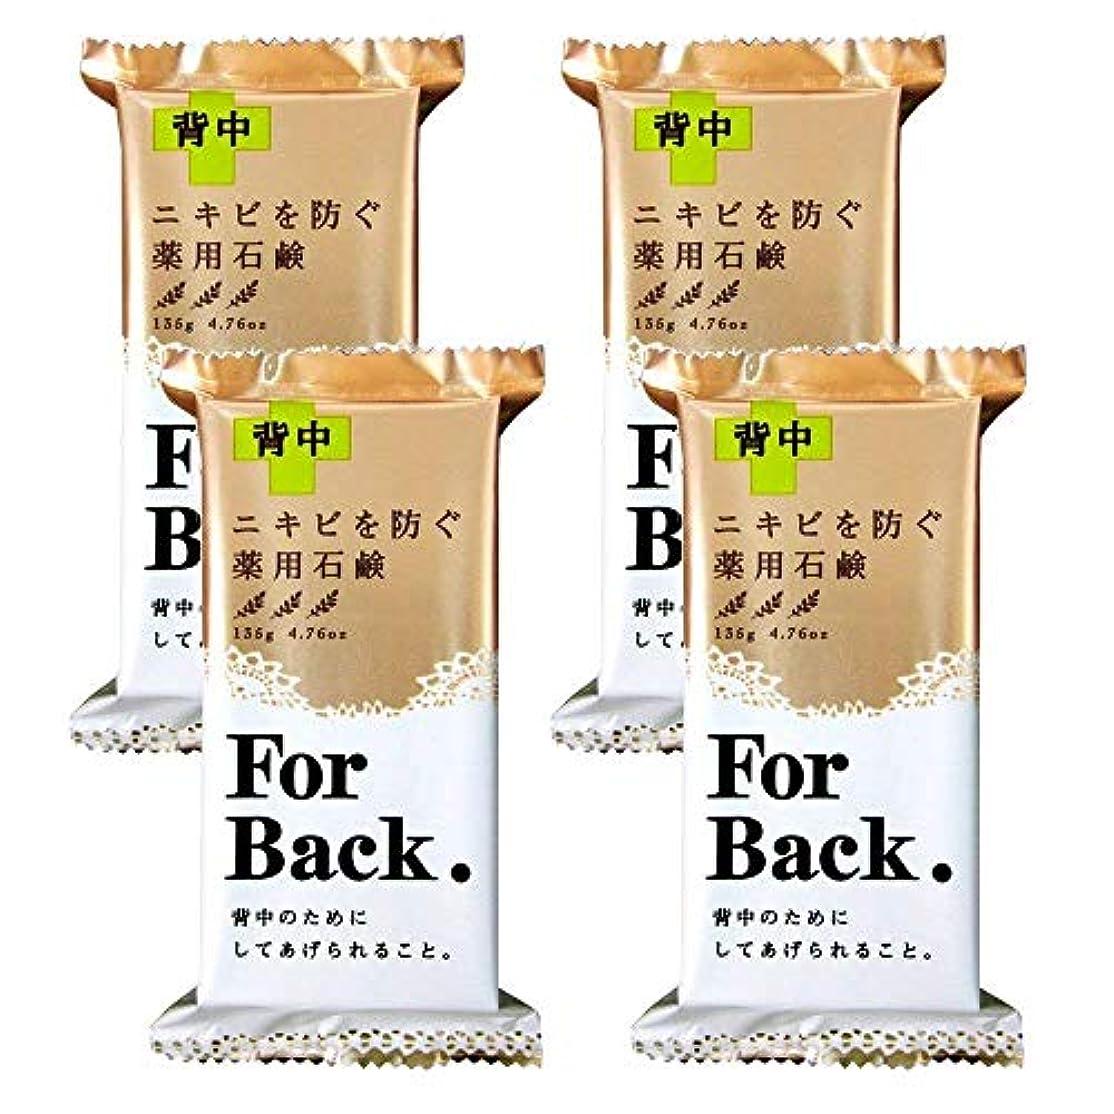 ガソリンシーズン専門薬用石鹸 ForBack 135g×4個セット